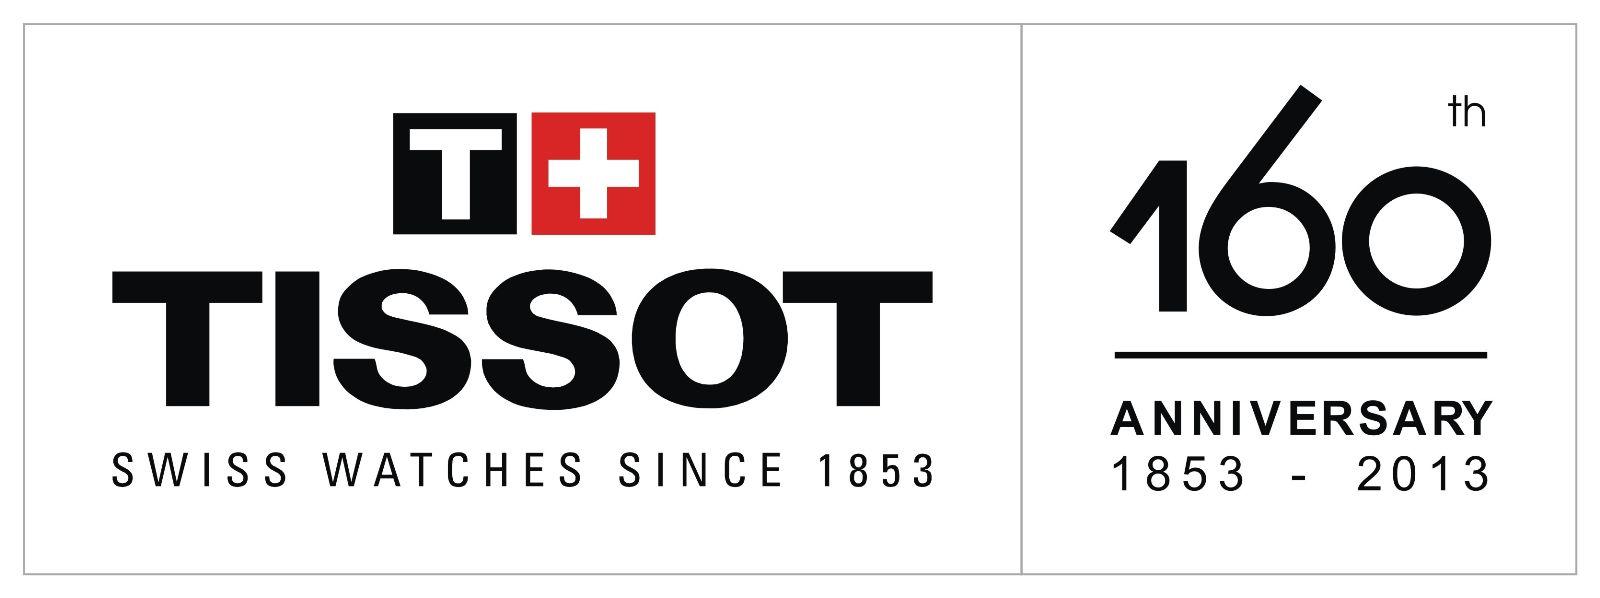 Đồng hồ Tissot chính hãng tại Việt Nam